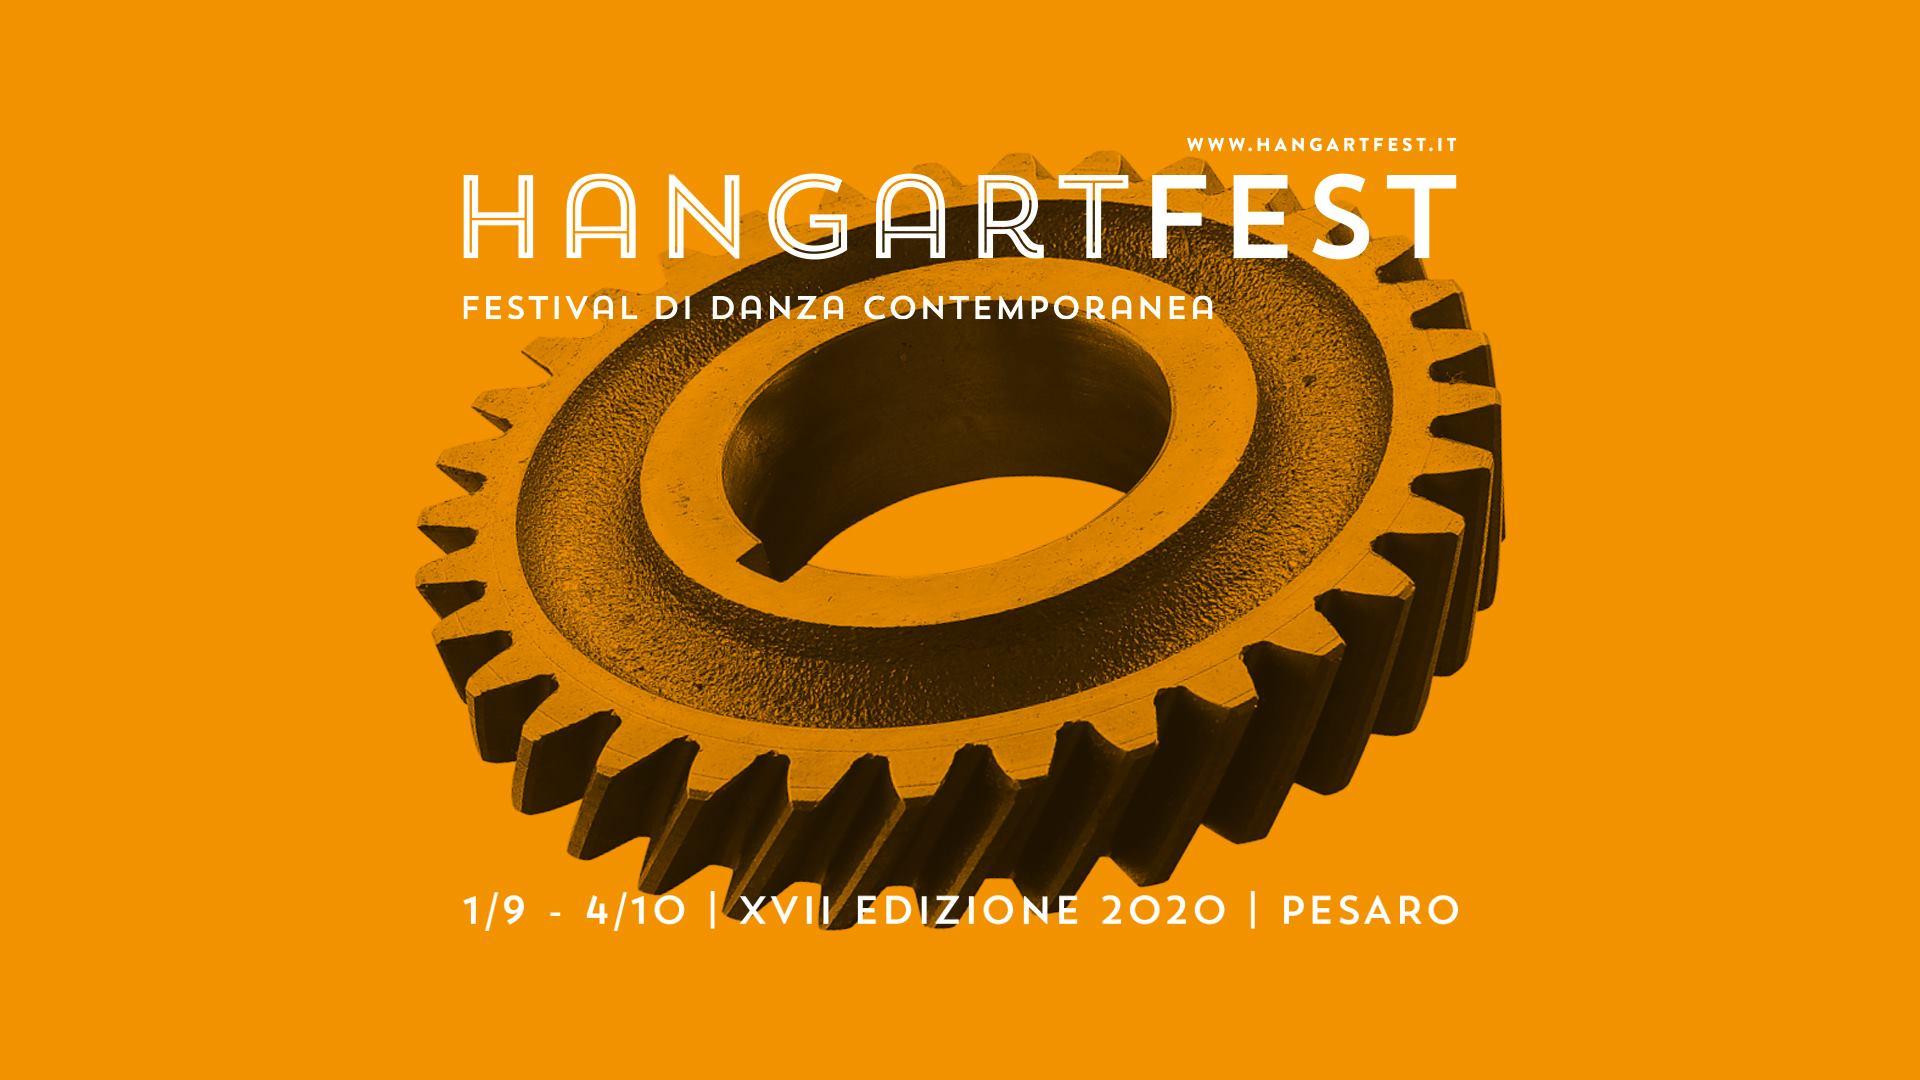 Hangartfest 2020